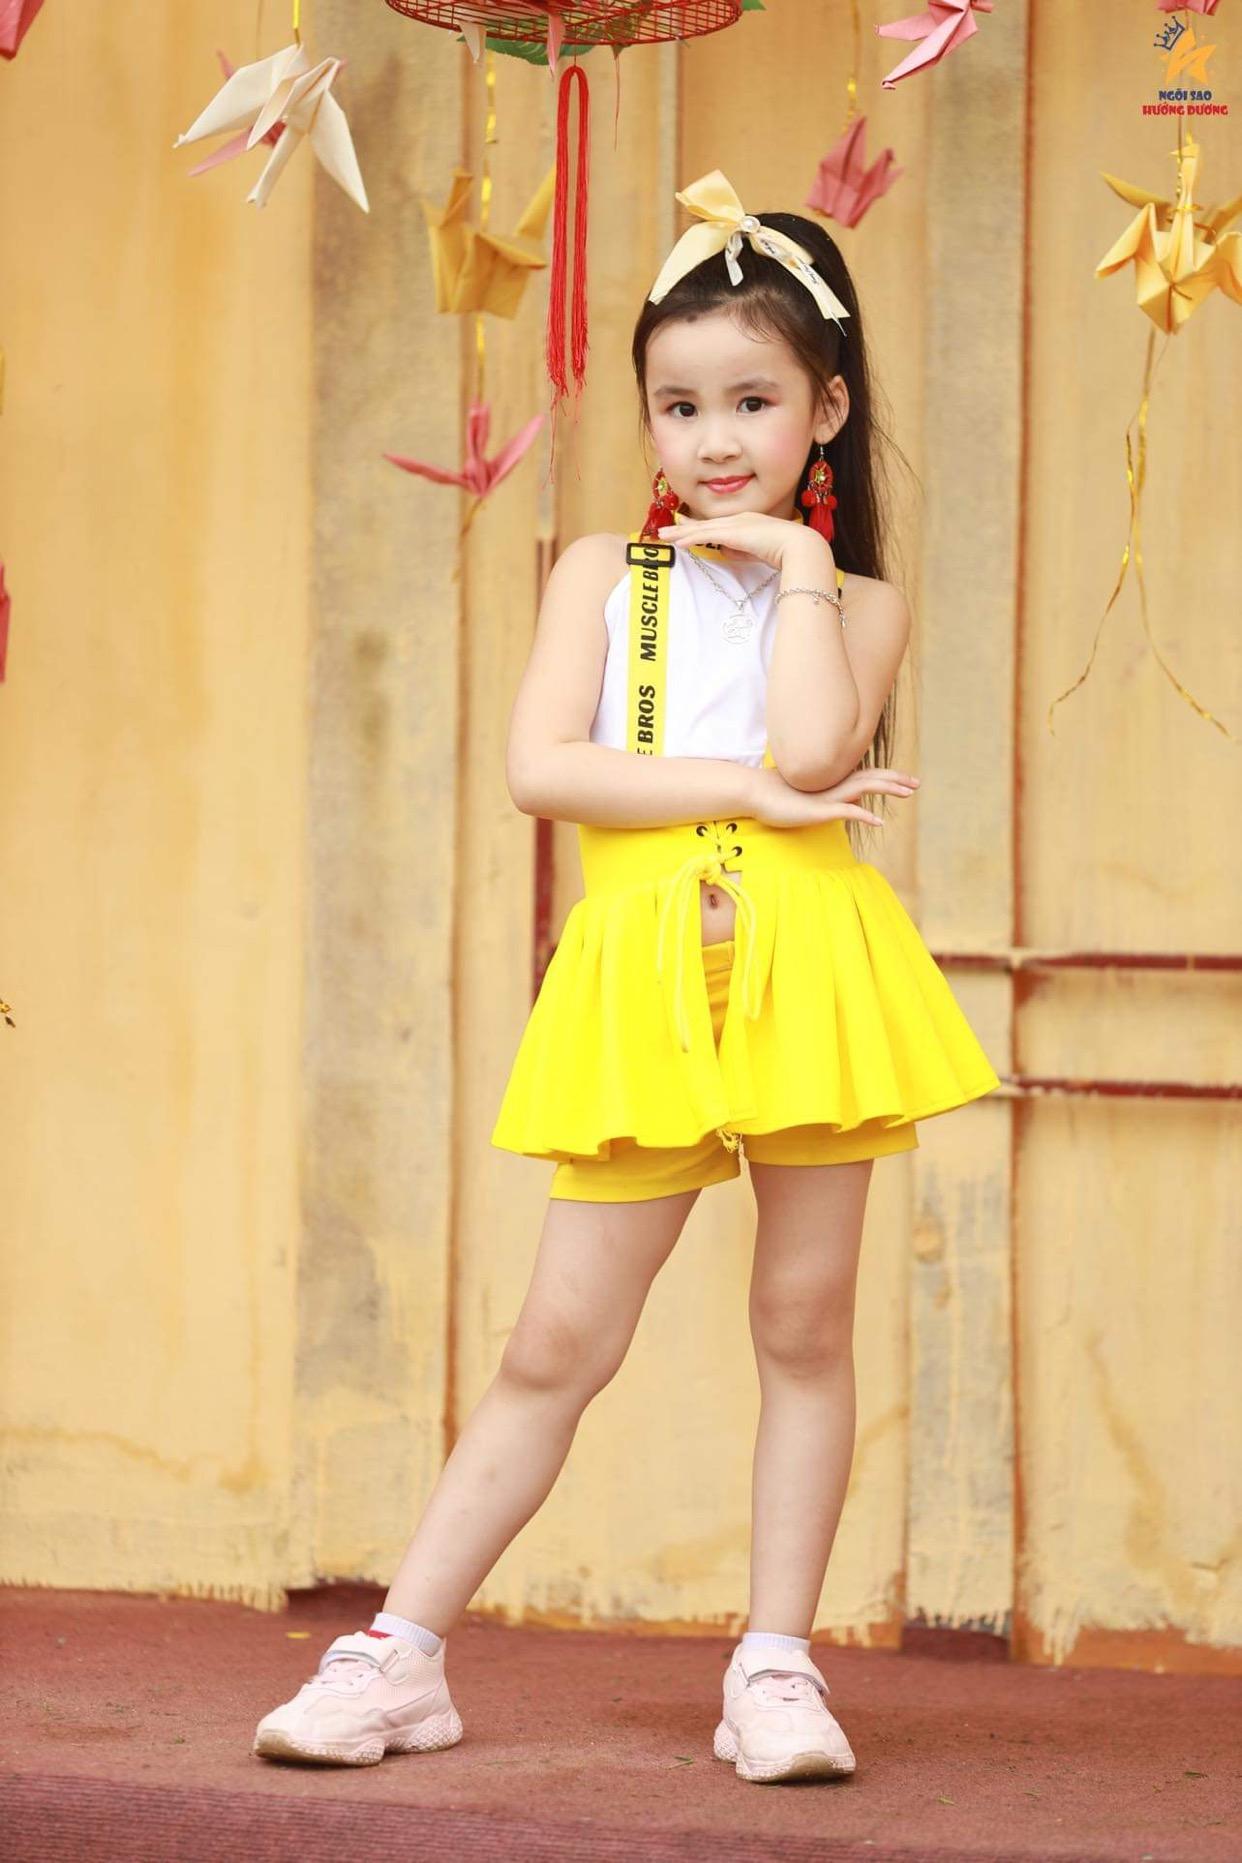 Những bạn nhỏ đáng yêu trong làng thời trang Việt - Ảnh 2.